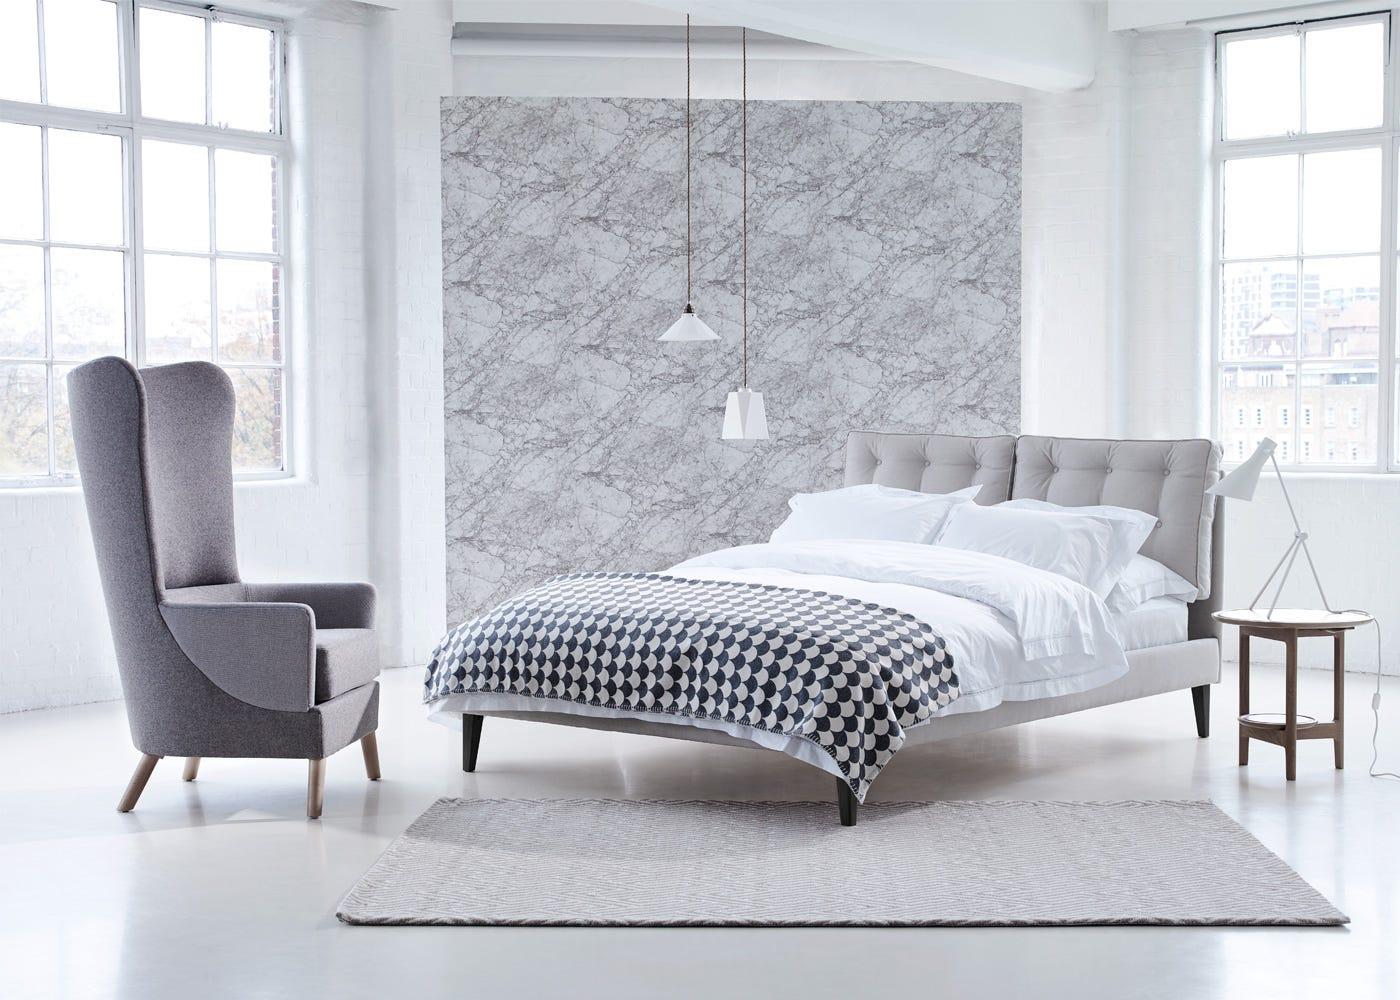 Upholstered in Linen Hessian